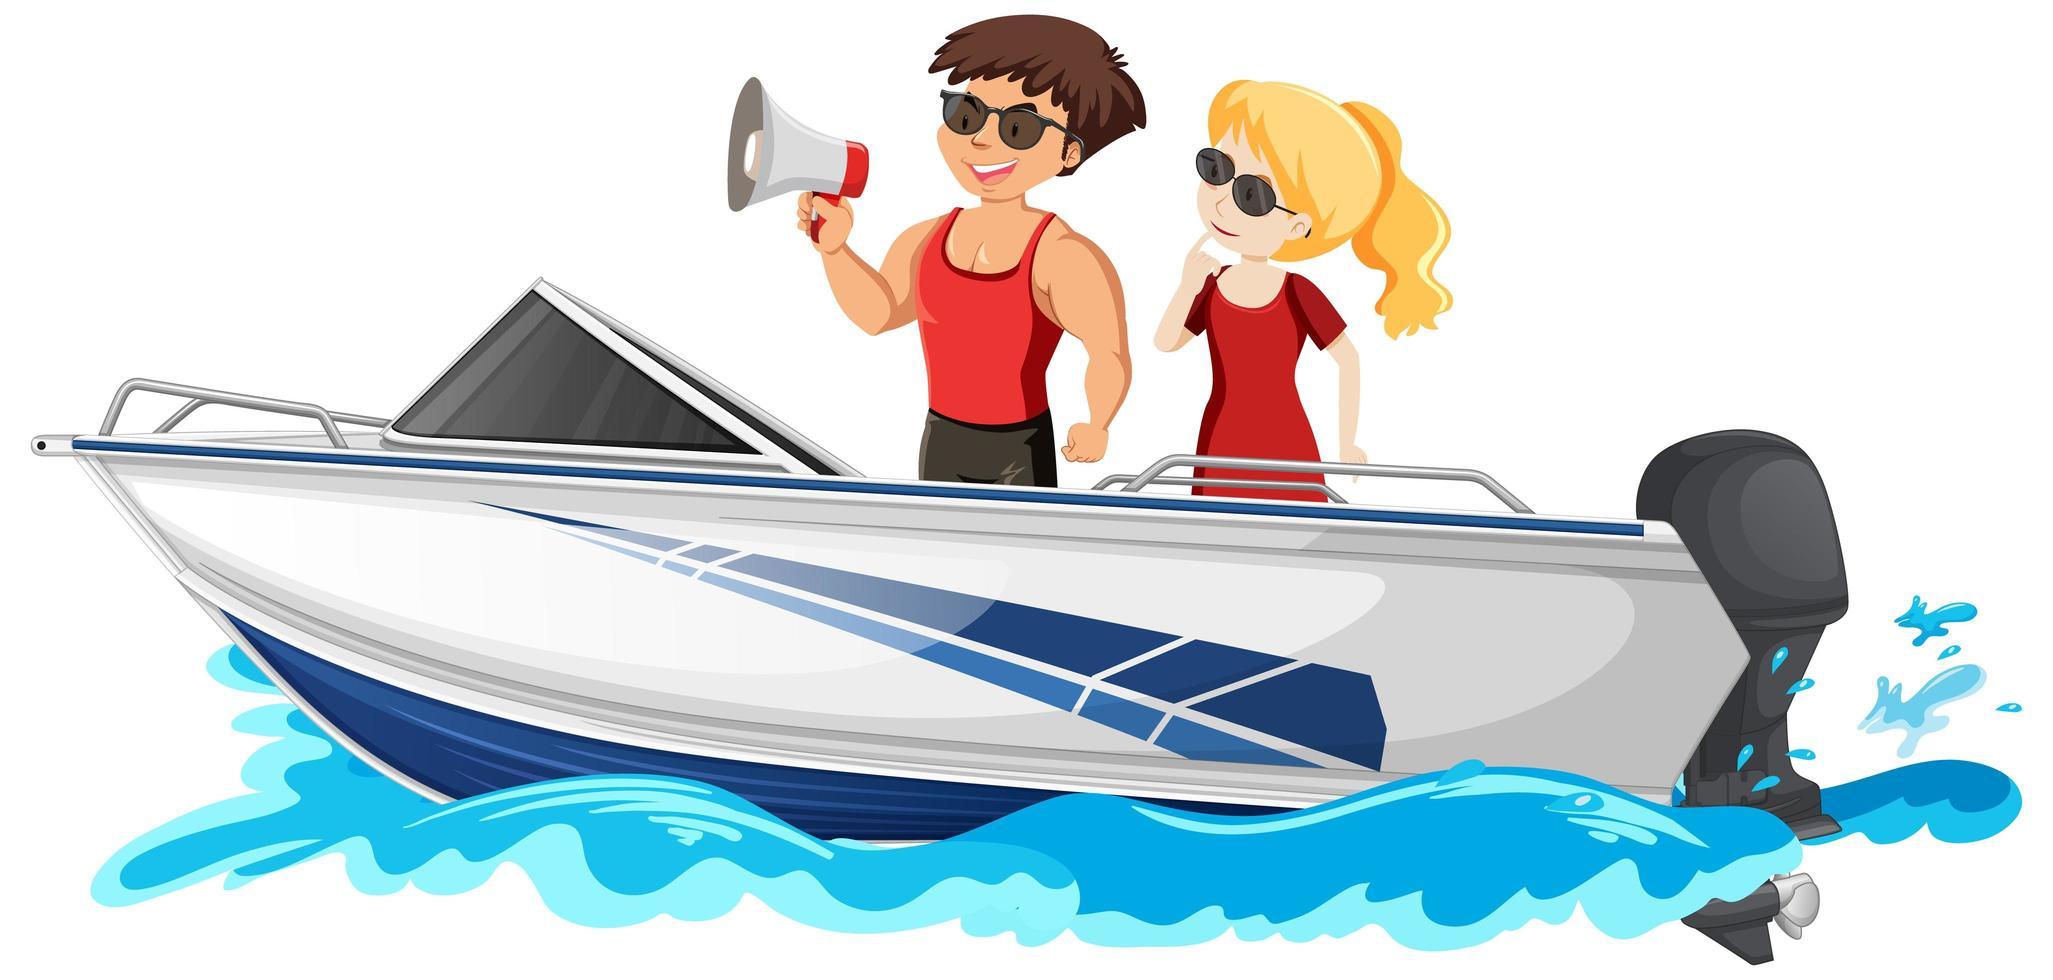 Un couple debout sur un bateau de vitesse isolé sur fond blanc vecteur